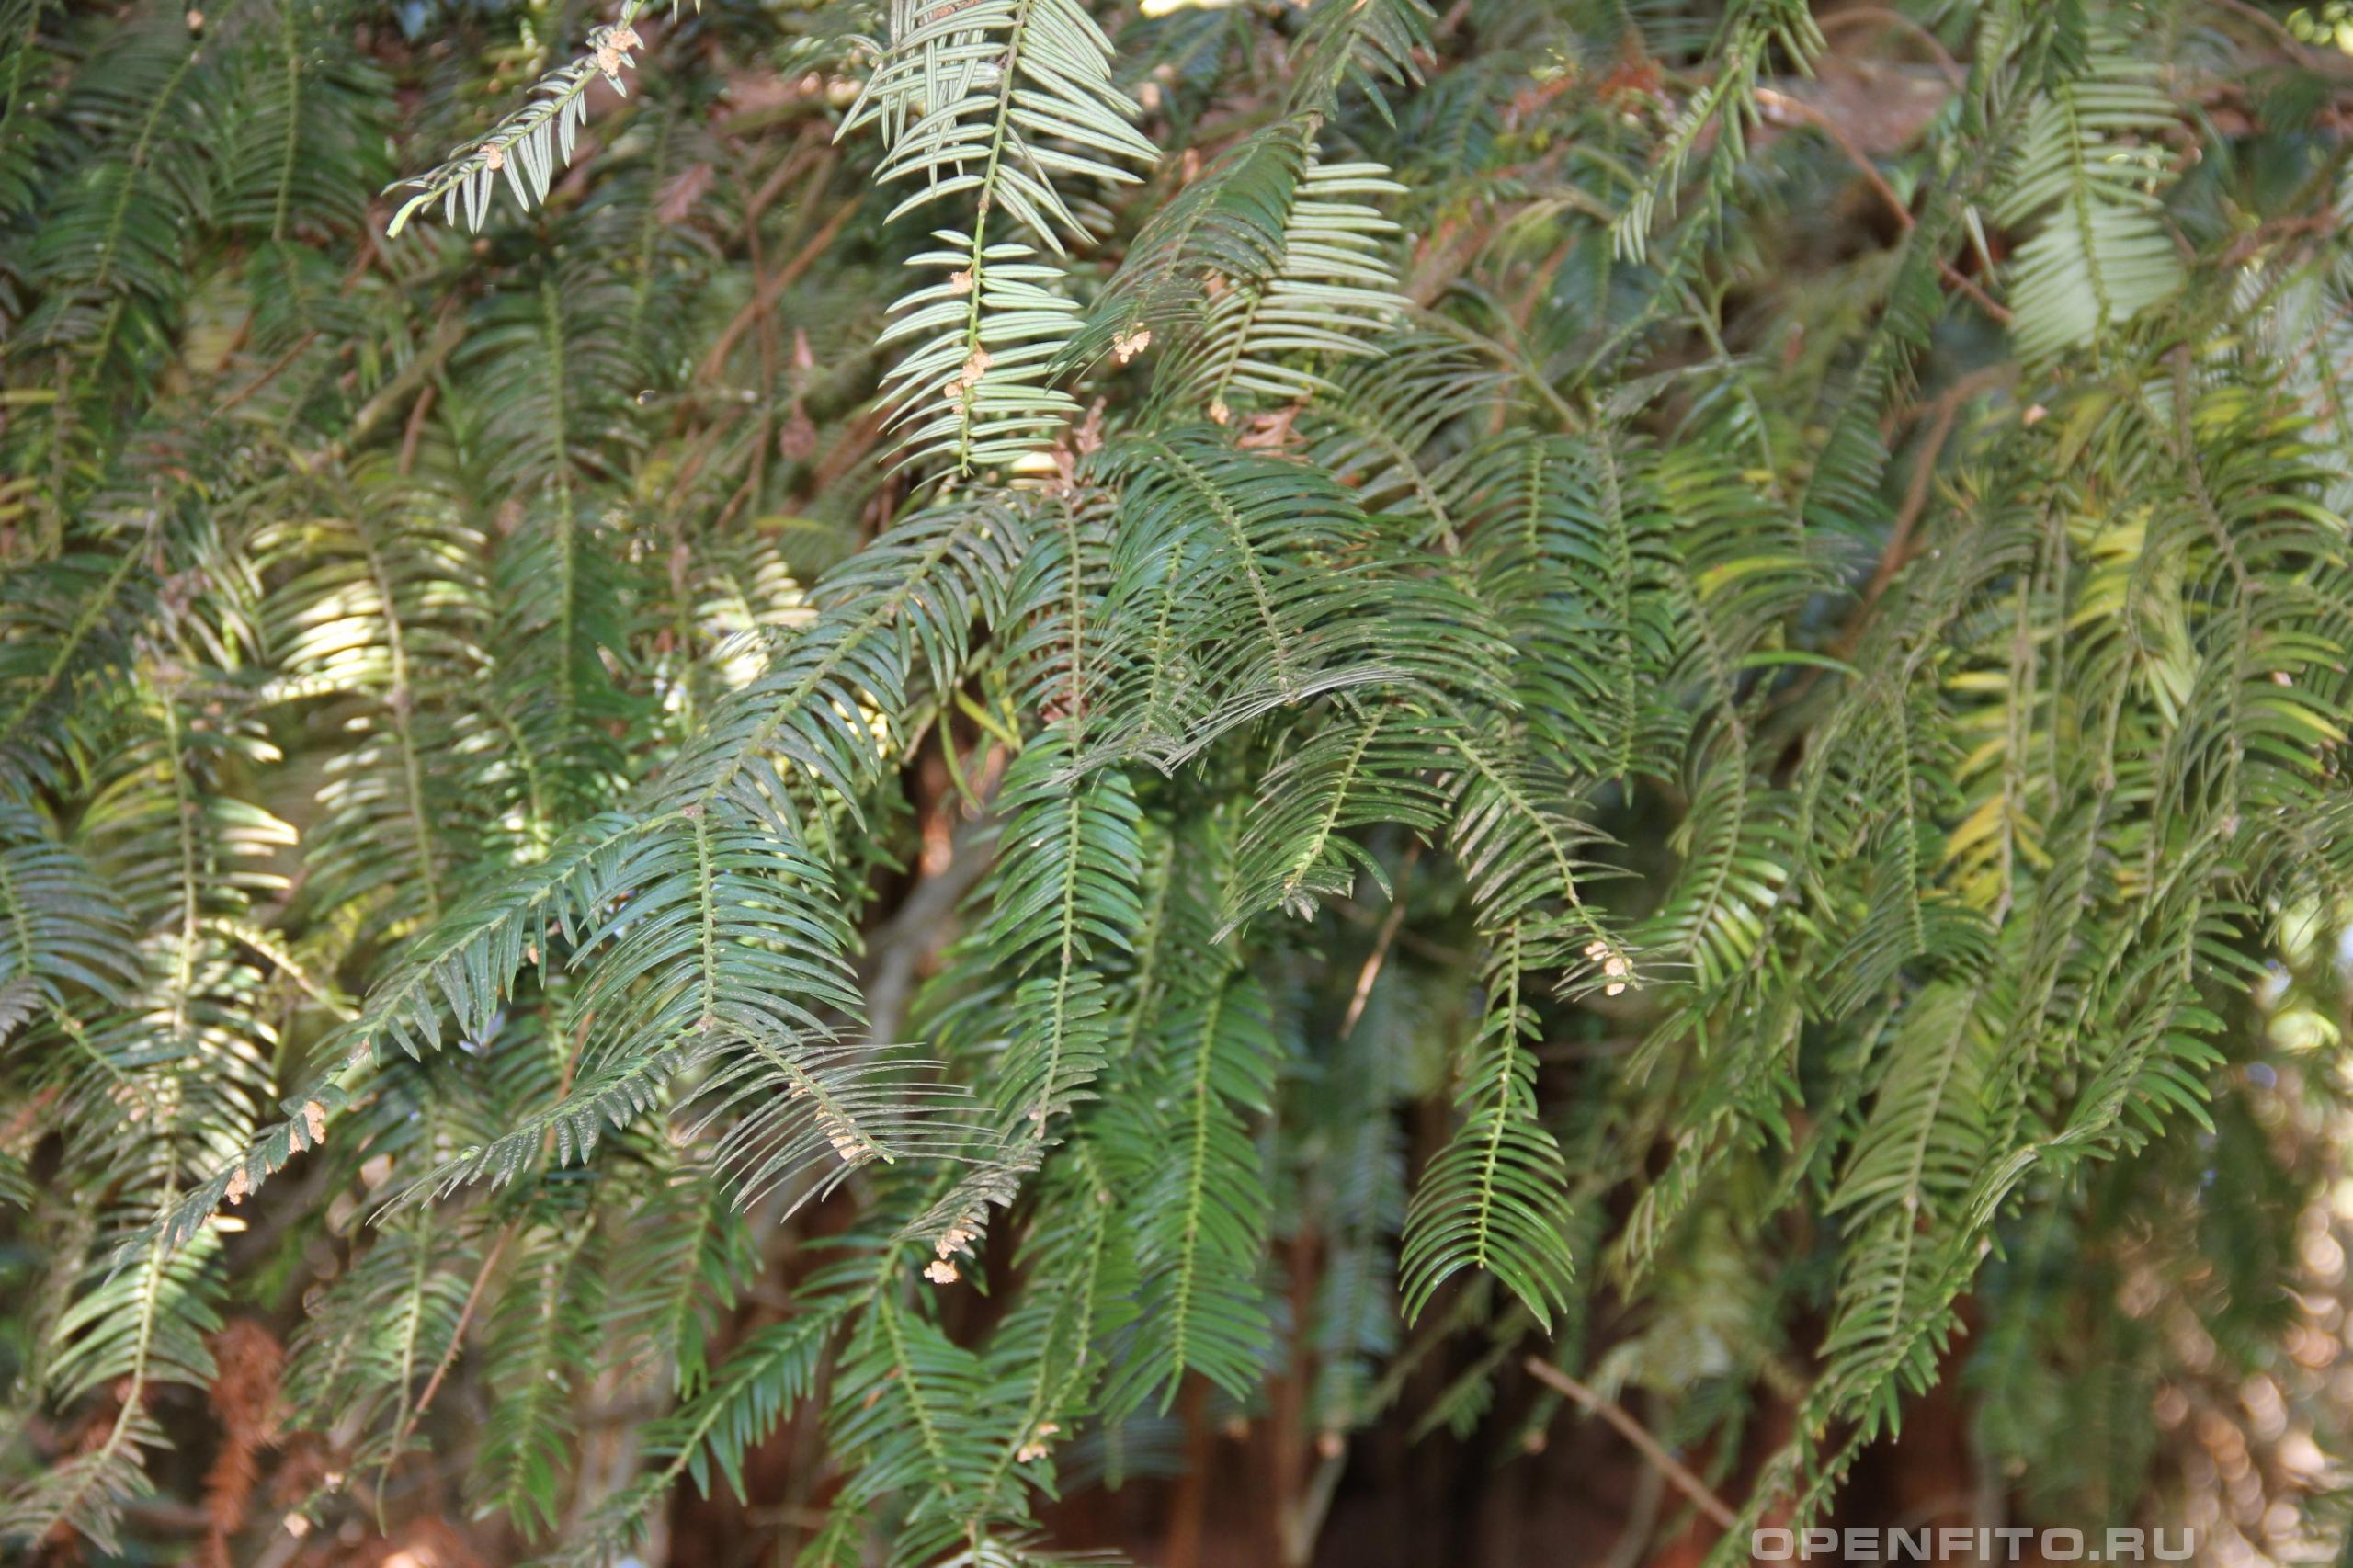 Тисс головчатый веточки взрослого растения